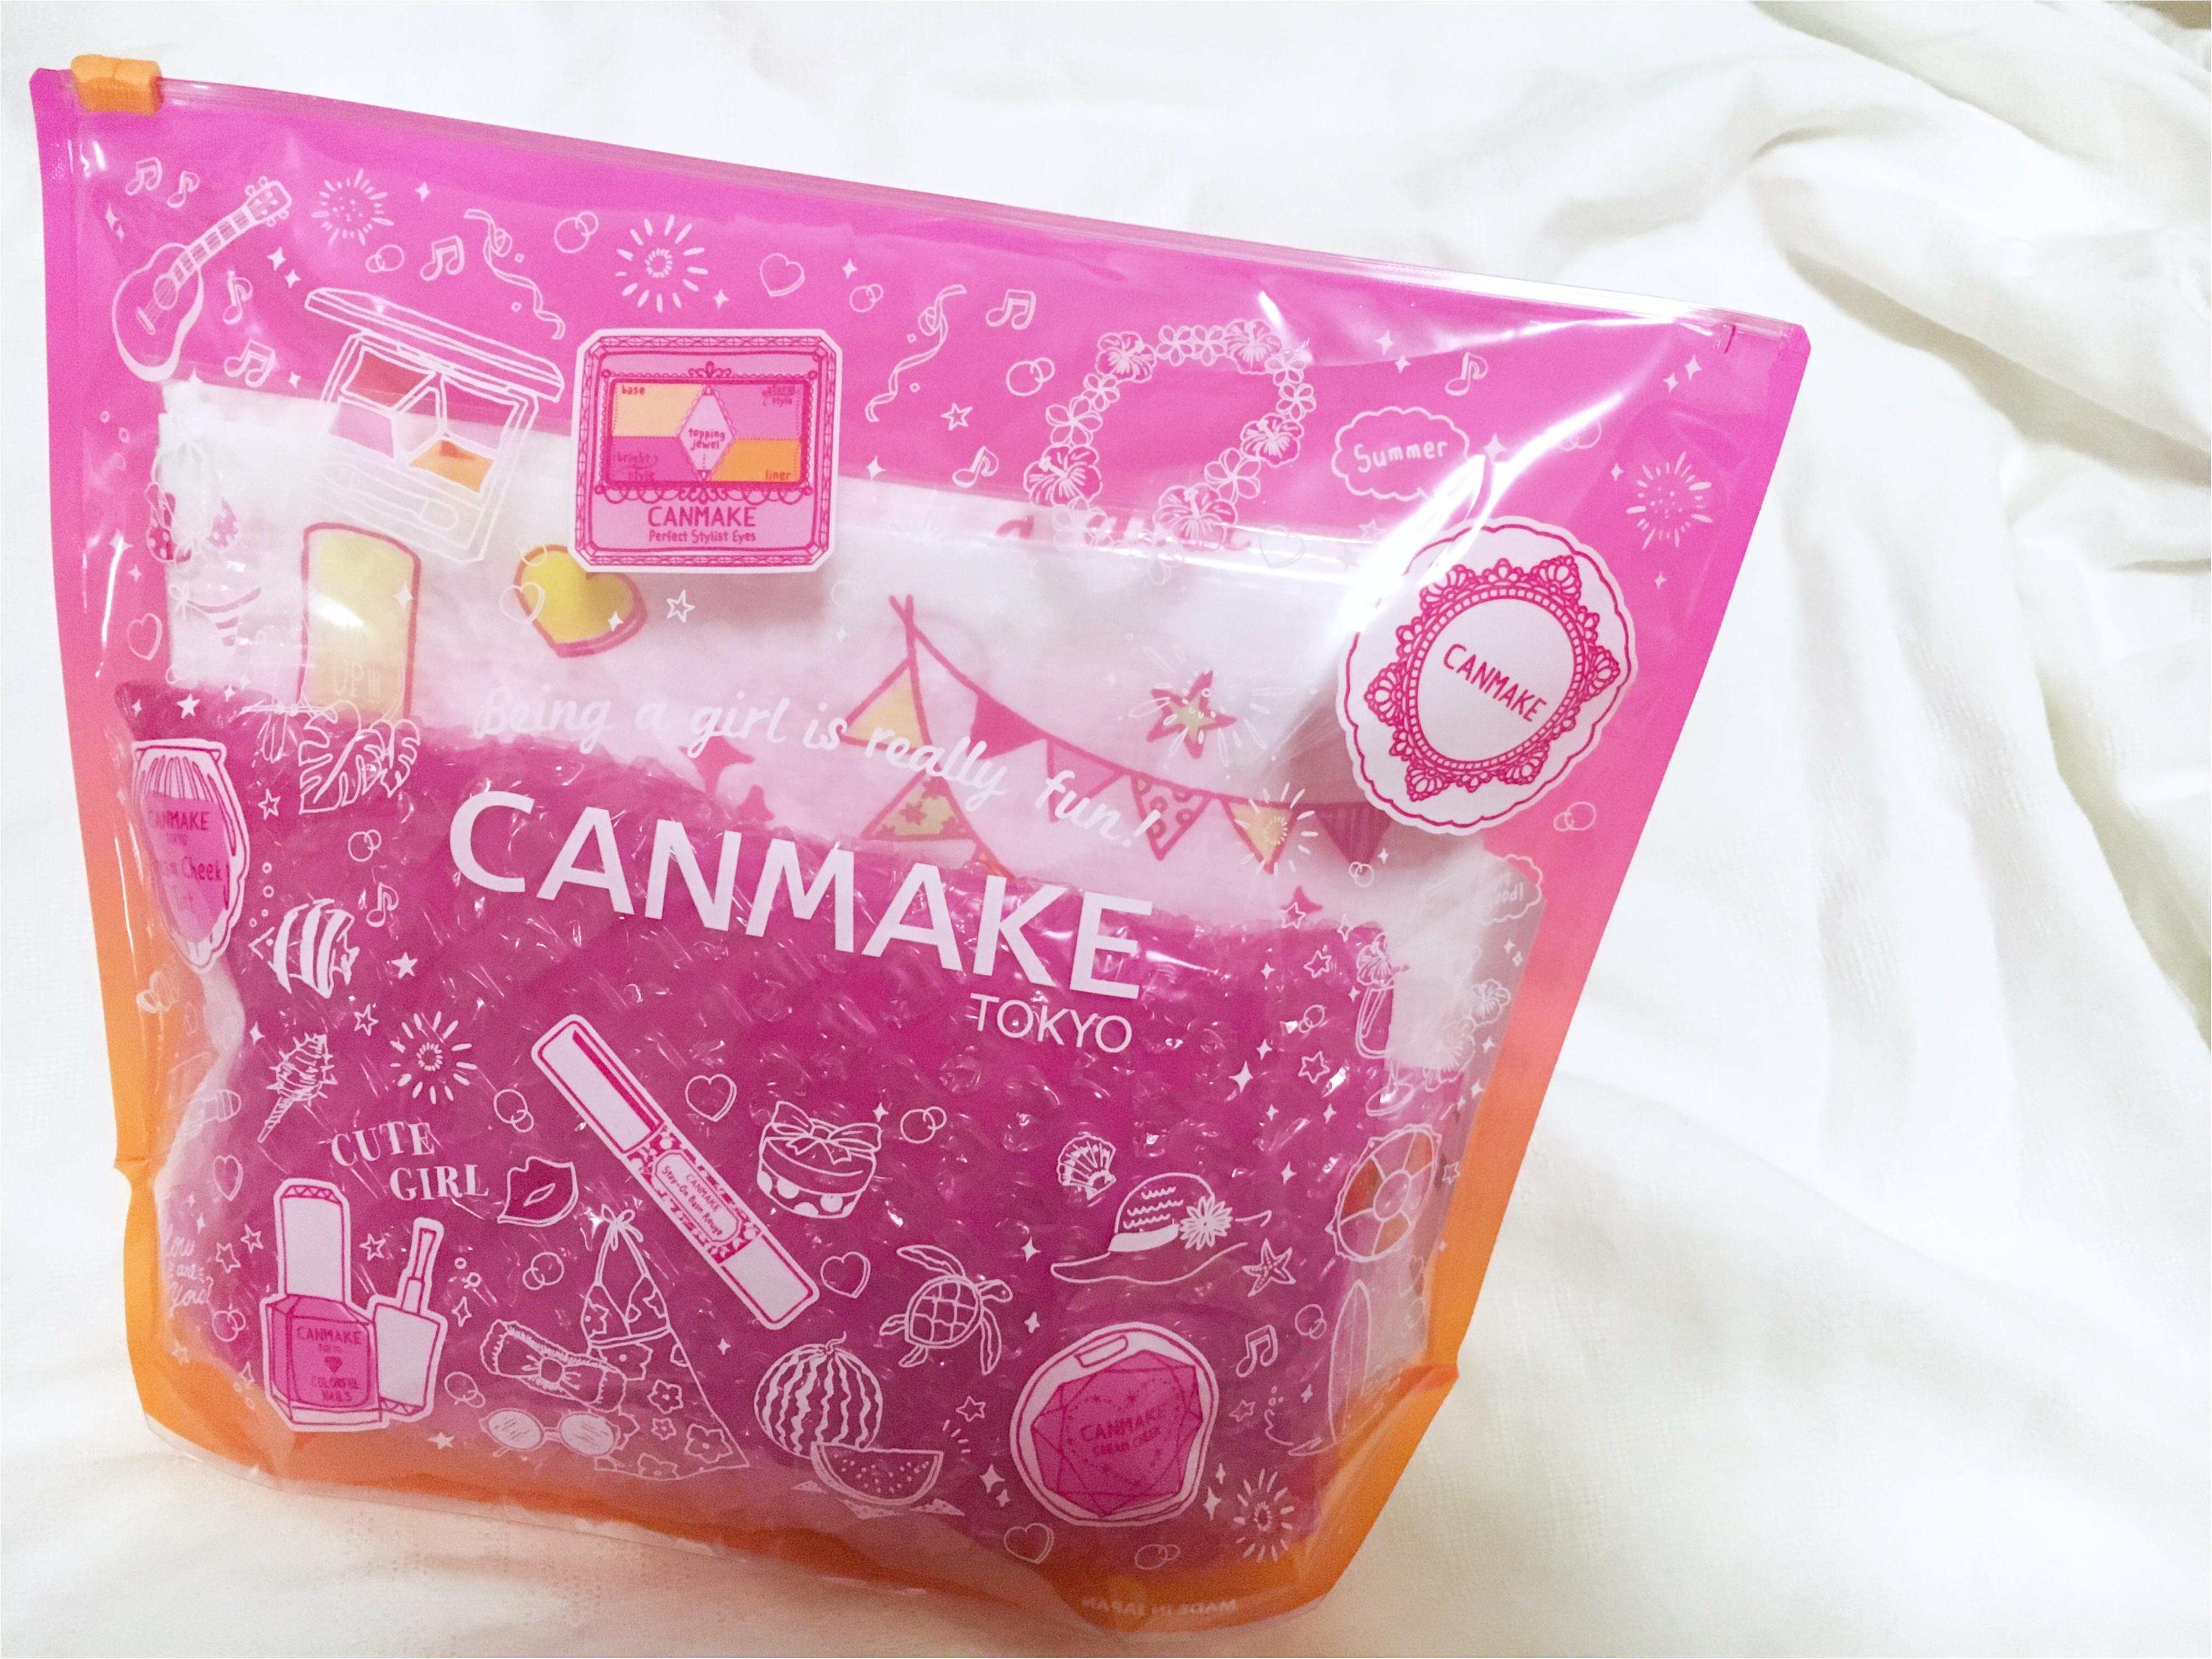 【CANMAKE】夏の新作盛りだくさんな《スペシャルギフト》を頂きました❤️これさえあれば夏メイクは完璧!なアイテムとは?_1